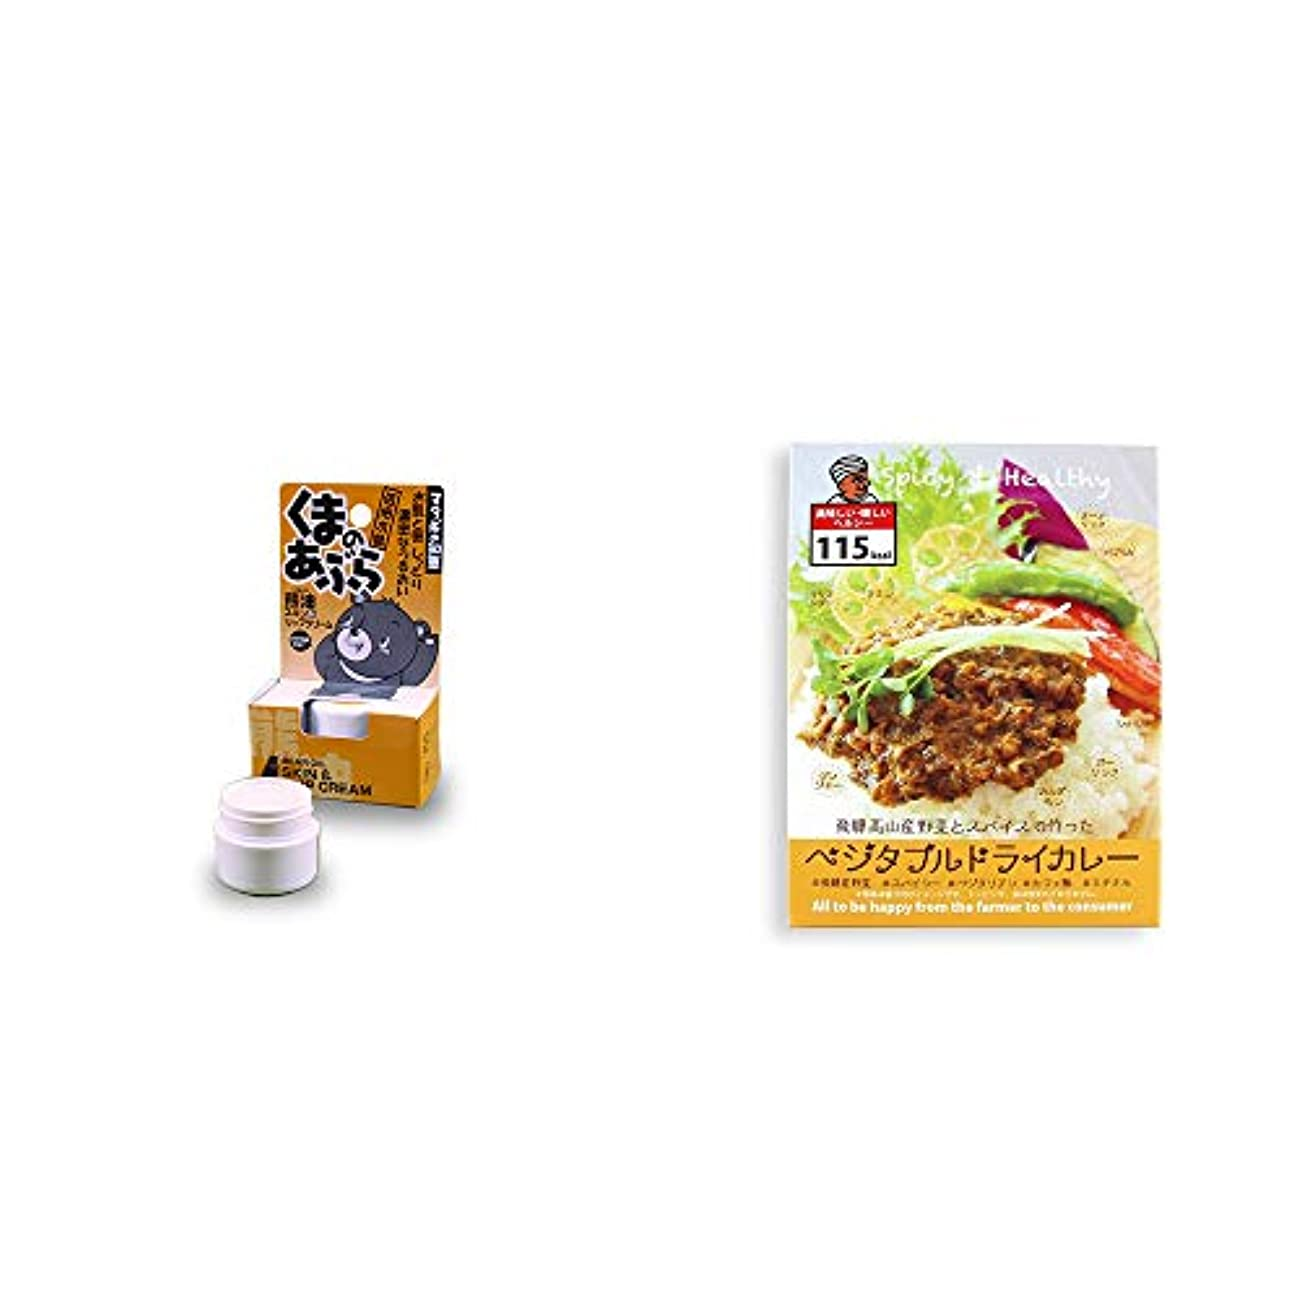 雪だるまそっと奪う[2点セット] 信州木曽 くまのあぶら 熊油スキン&リップクリーム(9g)?飛騨産野菜とスパイスで作ったベジタブルドライカレー(100g)